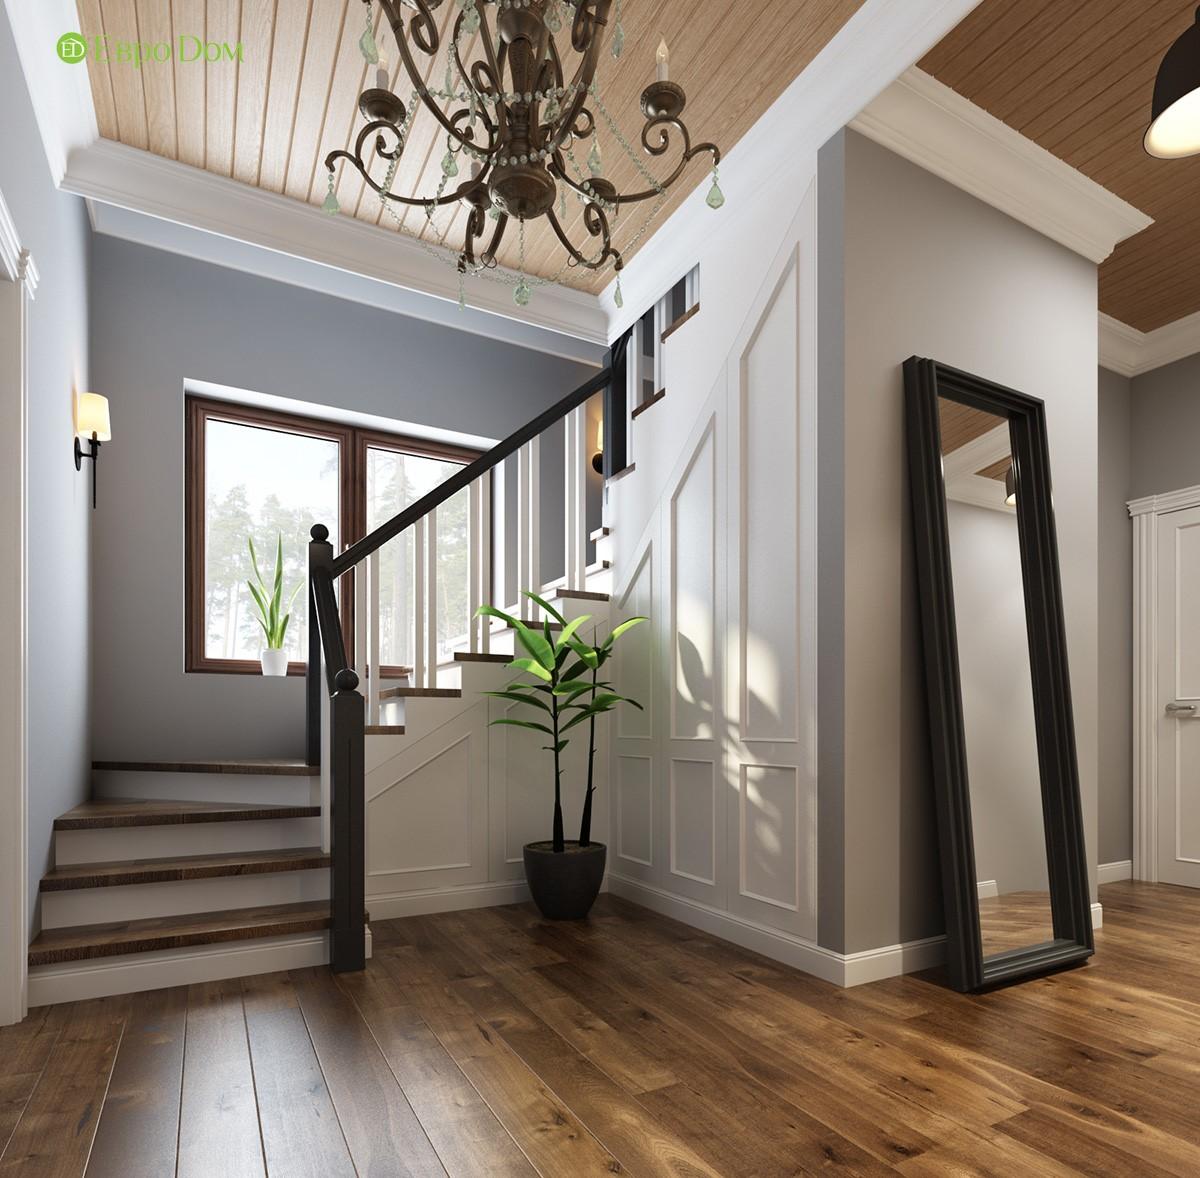 Лестничный холл в коттедже. Фото внутри